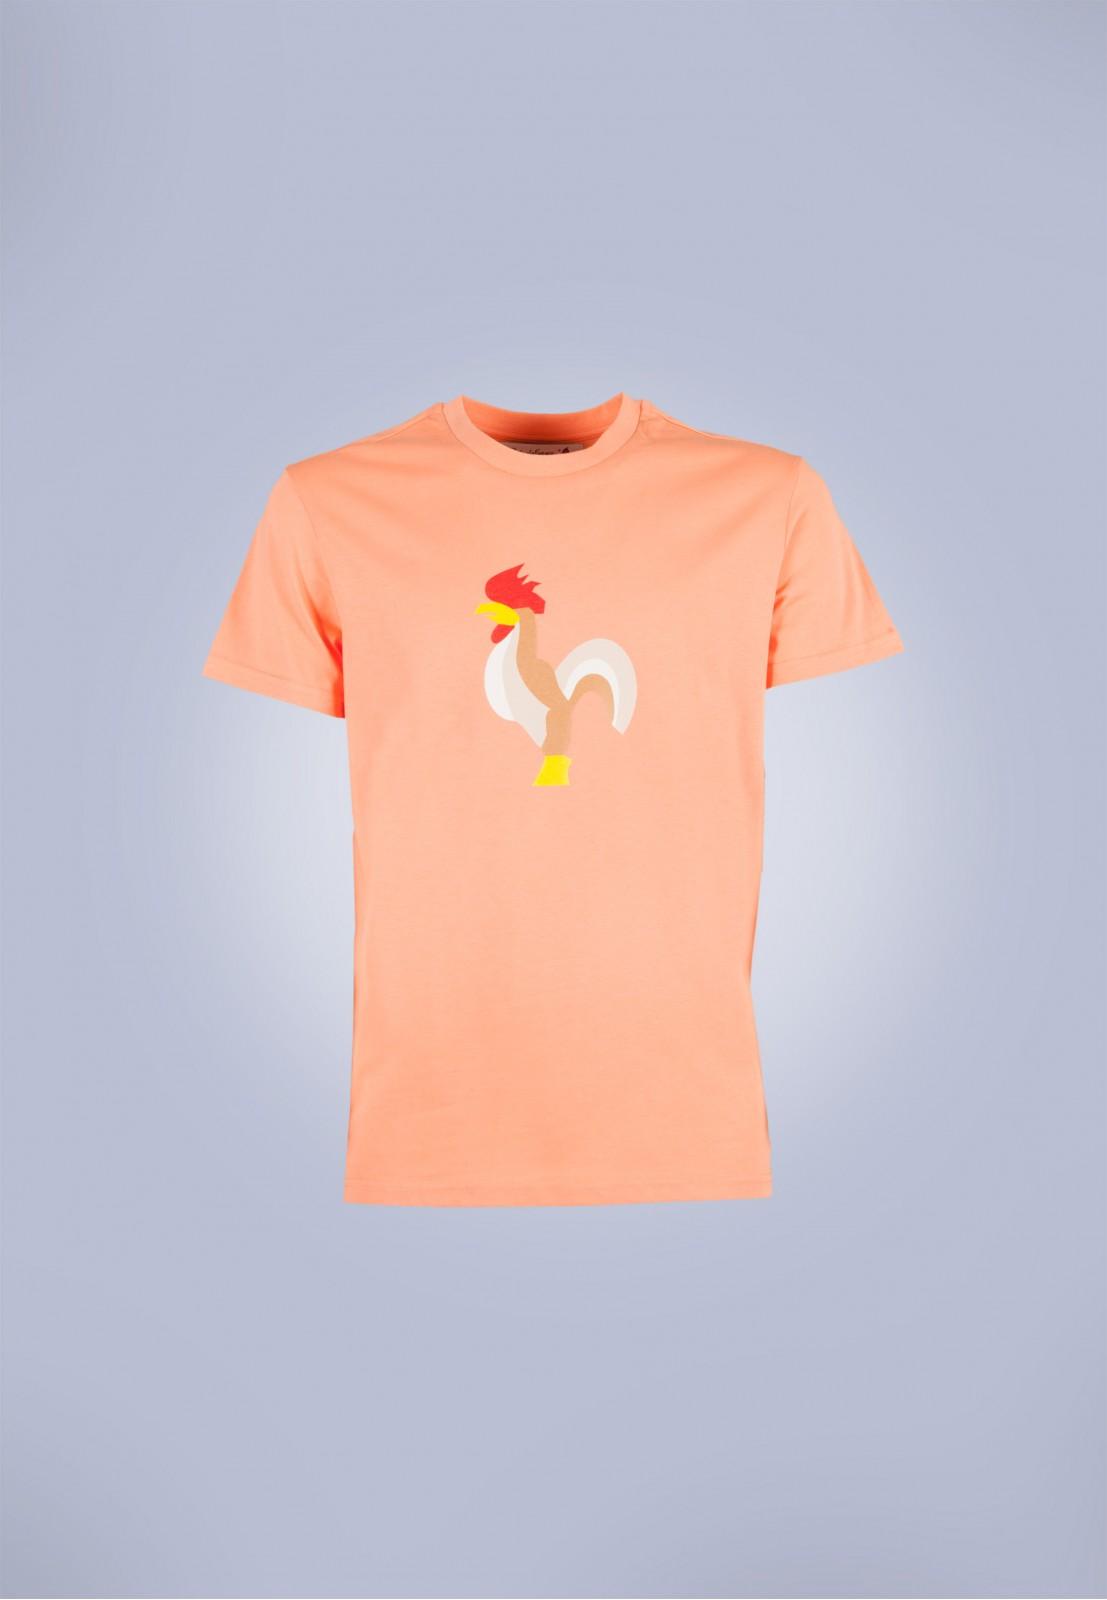 Camiseta de hombre Isa narnaja Patadegayo de calidad sostenible fabricado en España - plano fantasma